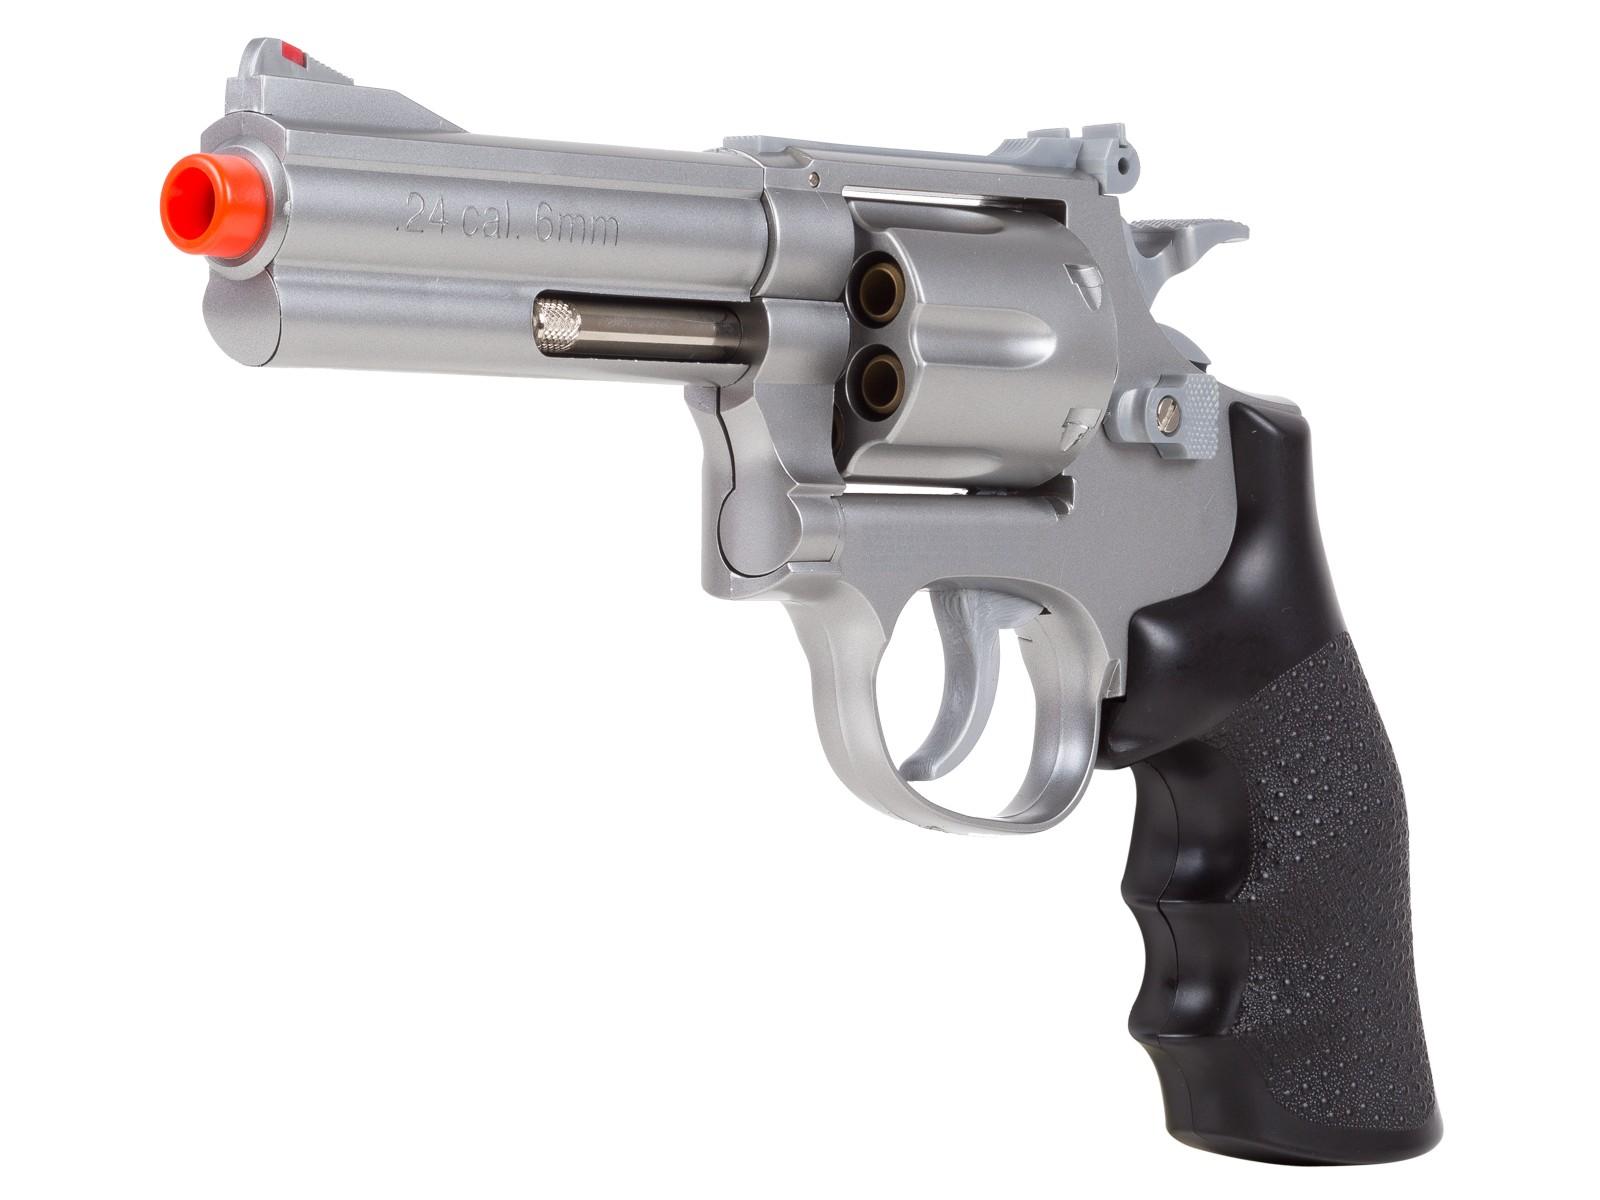 TSD_Sports_Spring_Revolver__4_Barrel_SilverBlack_6mm